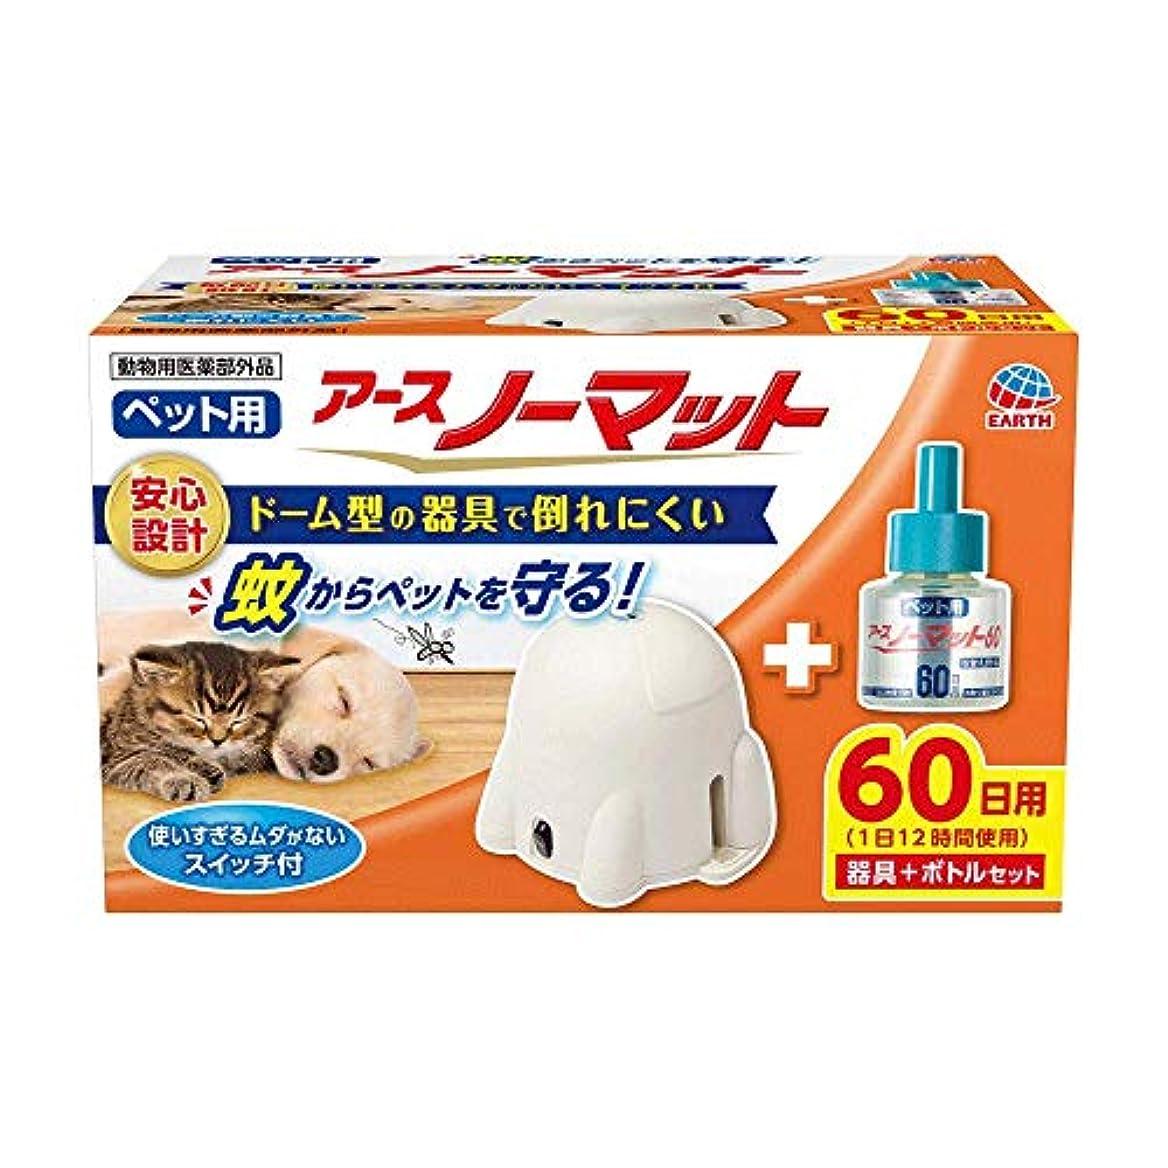 【動物用医薬部外品】 アース?ペット ペット用 アースノーマット60 器具+ボトルセット